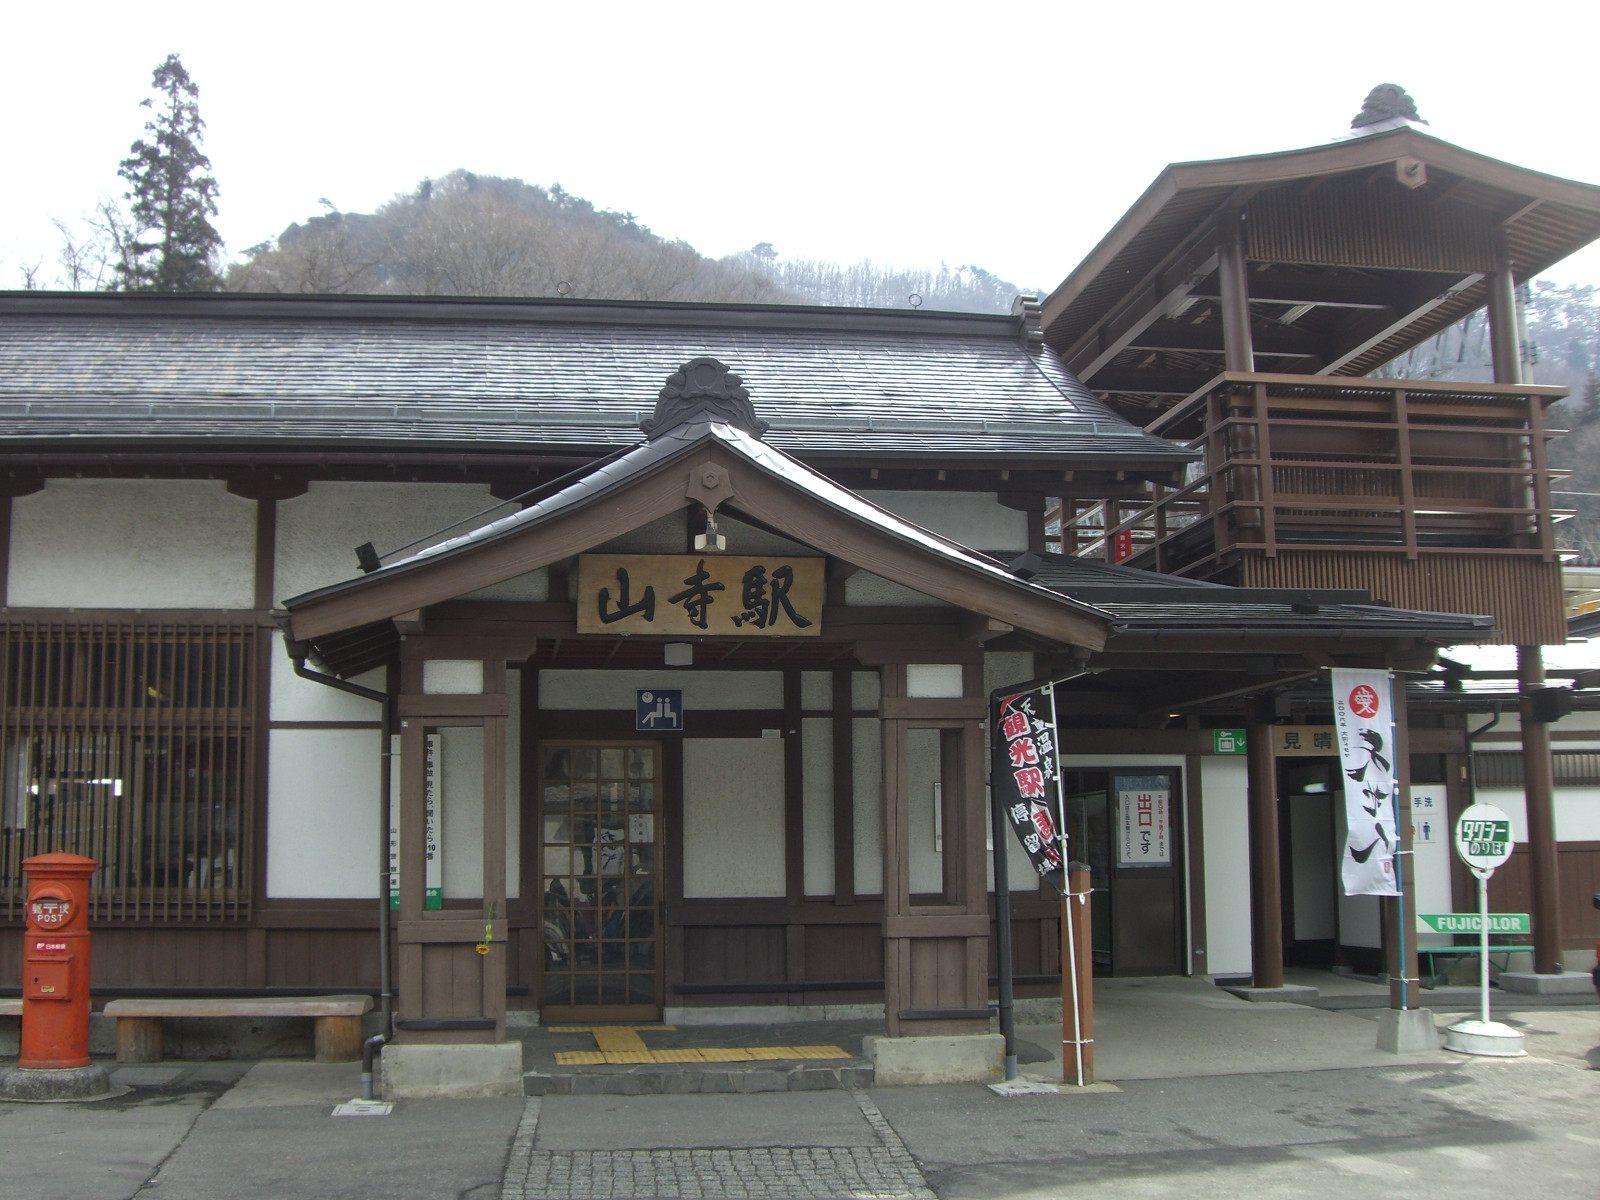 山寺车站,充满古代风情的外观设计